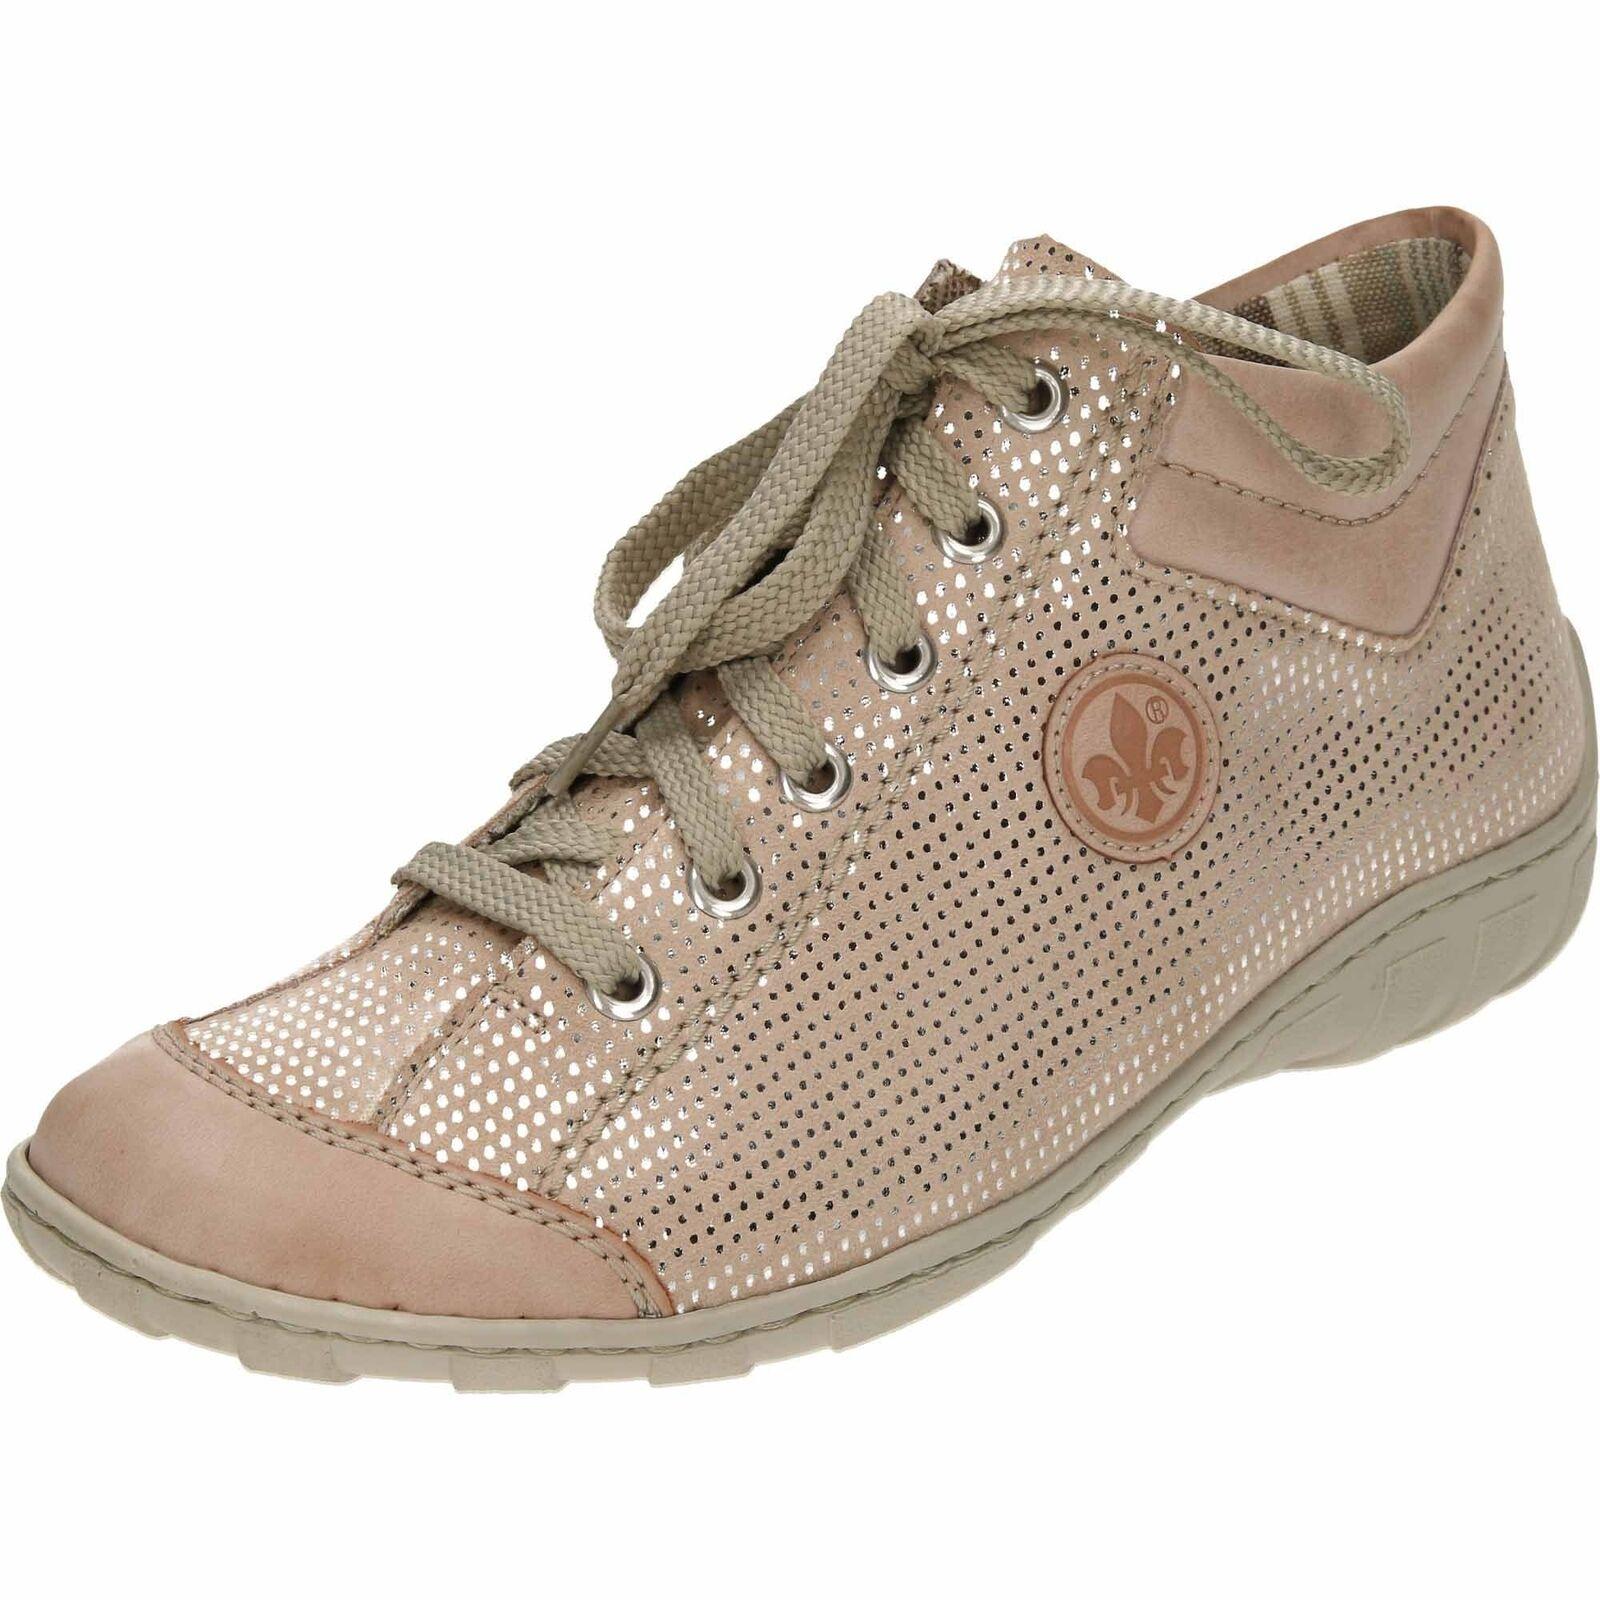 Rieker con cordones Altas-Top de Superdry M3738-31 Zapatos Planos Zapatillas Cremallera Rosa Pálido